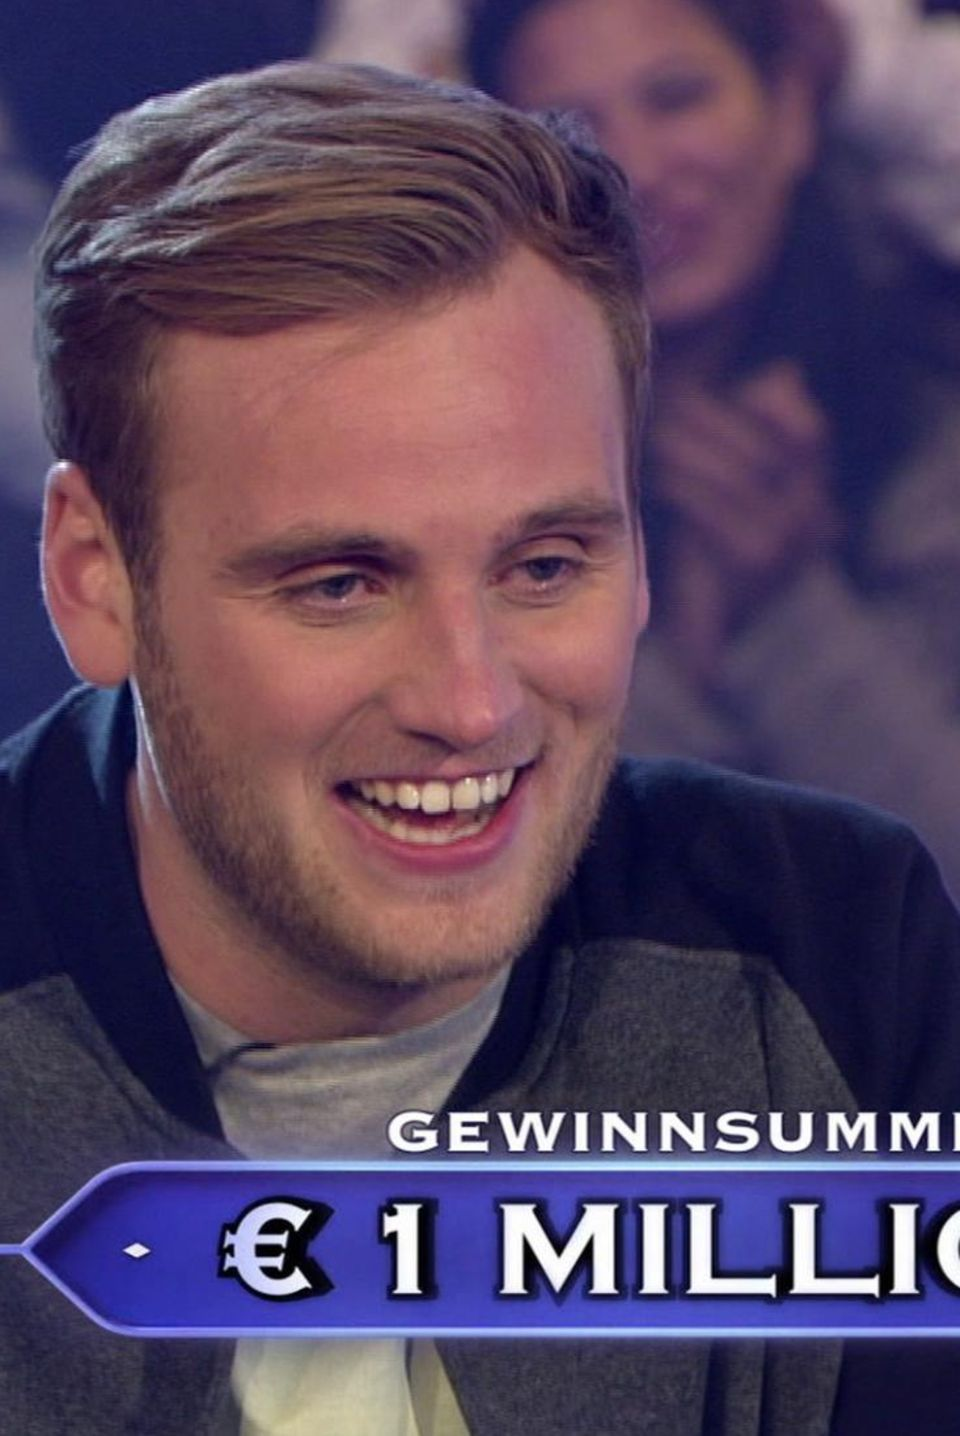 Leon Windscheid